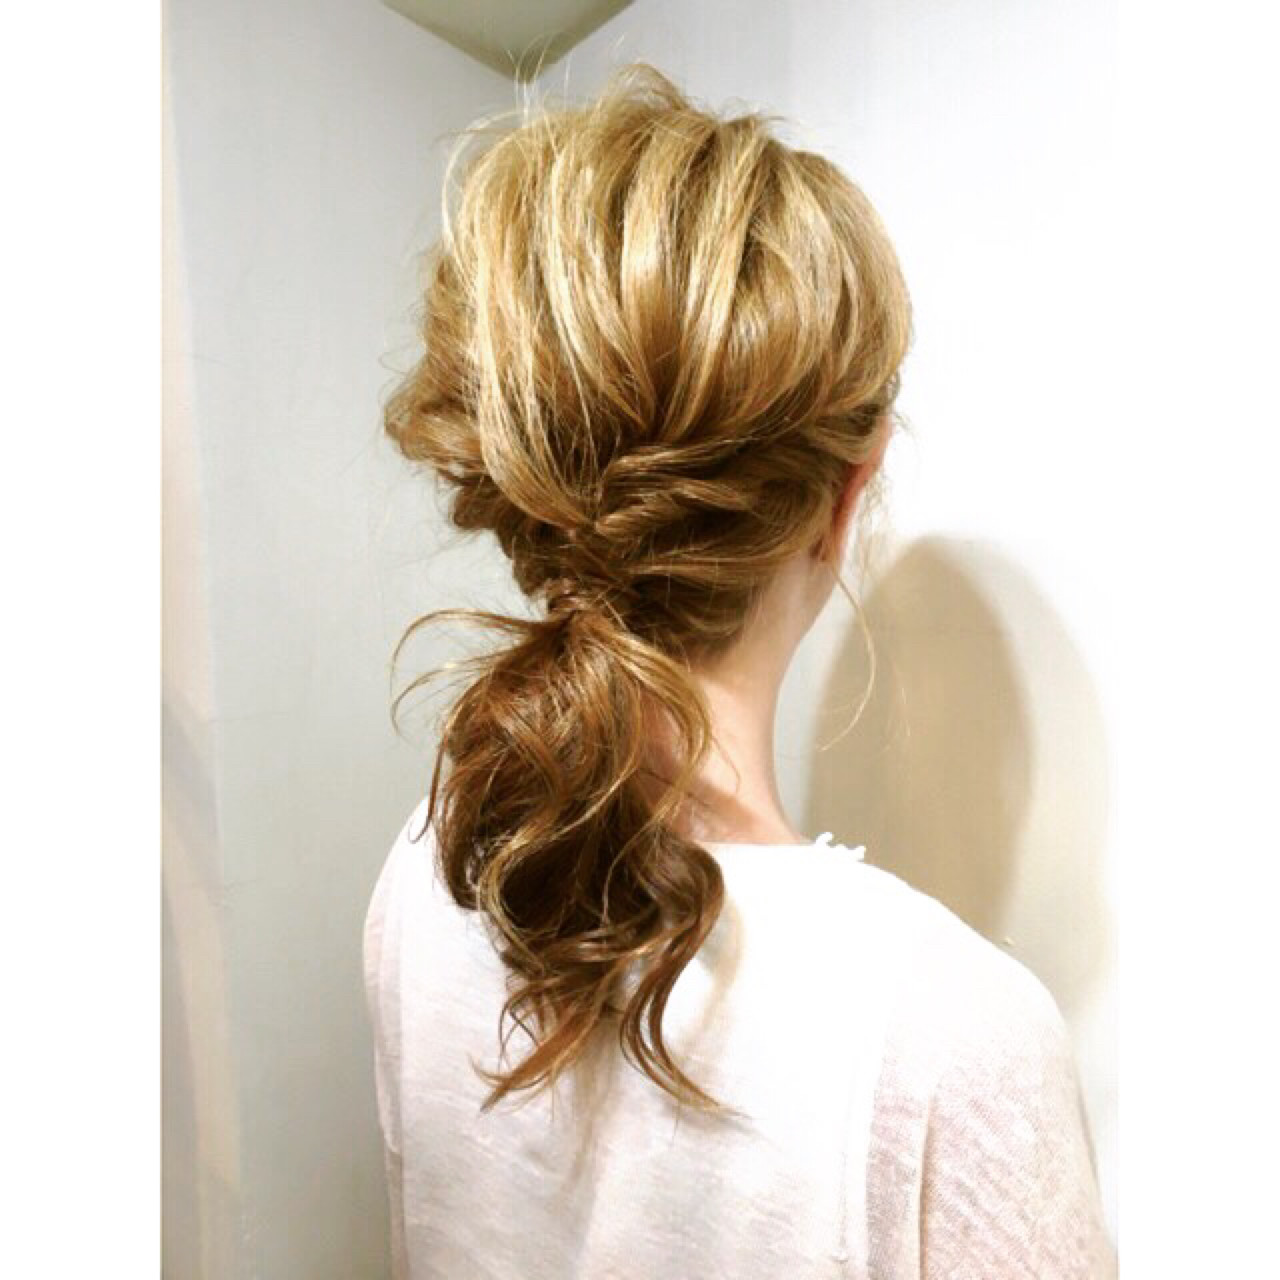 夏 簡単ヘアアレンジ ショート ポニーテール ヘアスタイルや髪型の写真・画像 | COM PASS 太一 / COM PASS